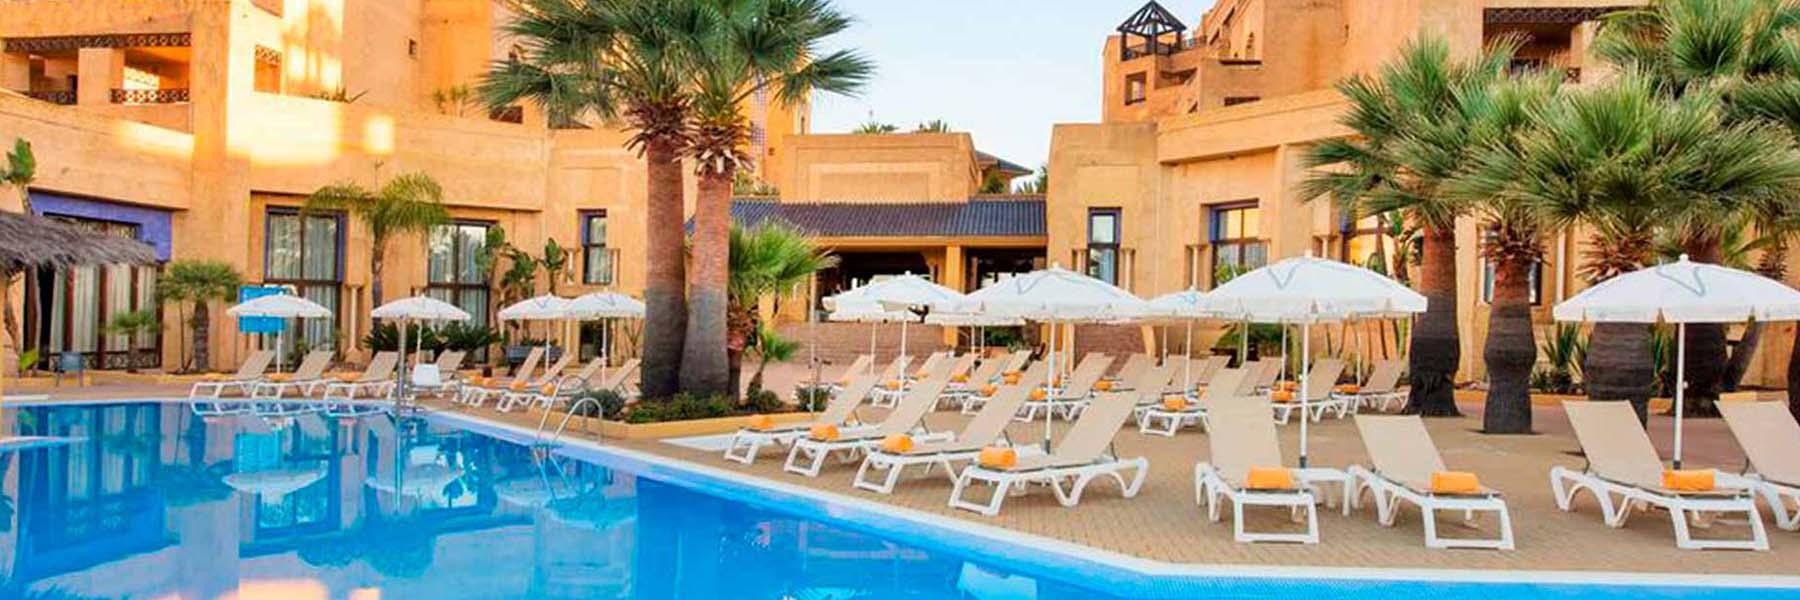 Hotel IberostarIsla Canela